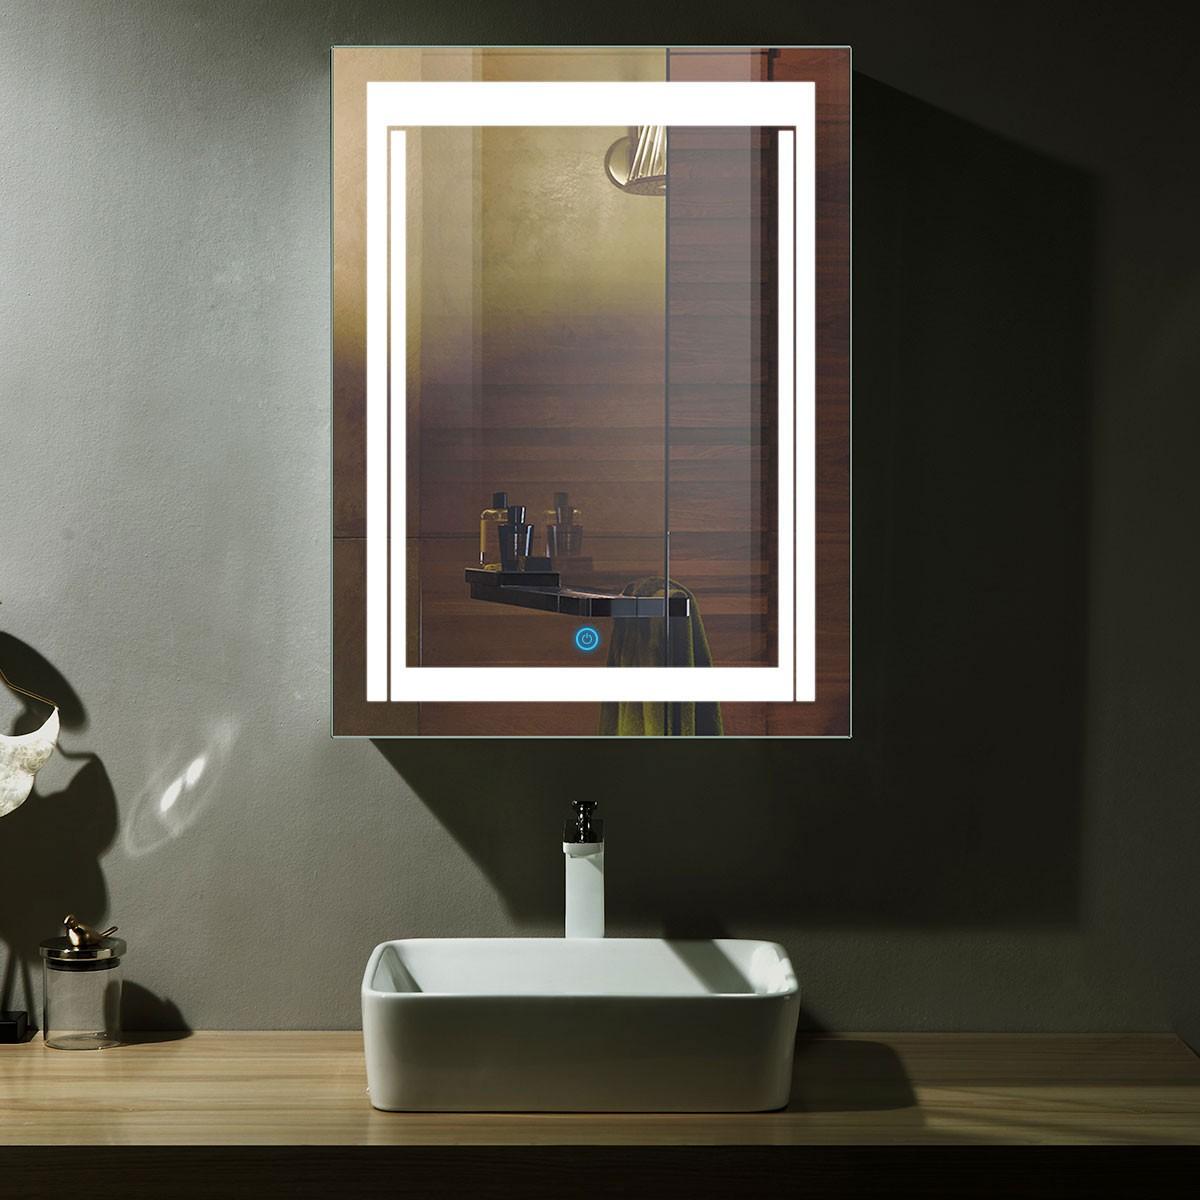 24 x 32 po miroir de salle de bain LED vertical avec bouton tactile (DK-OD-CK150)